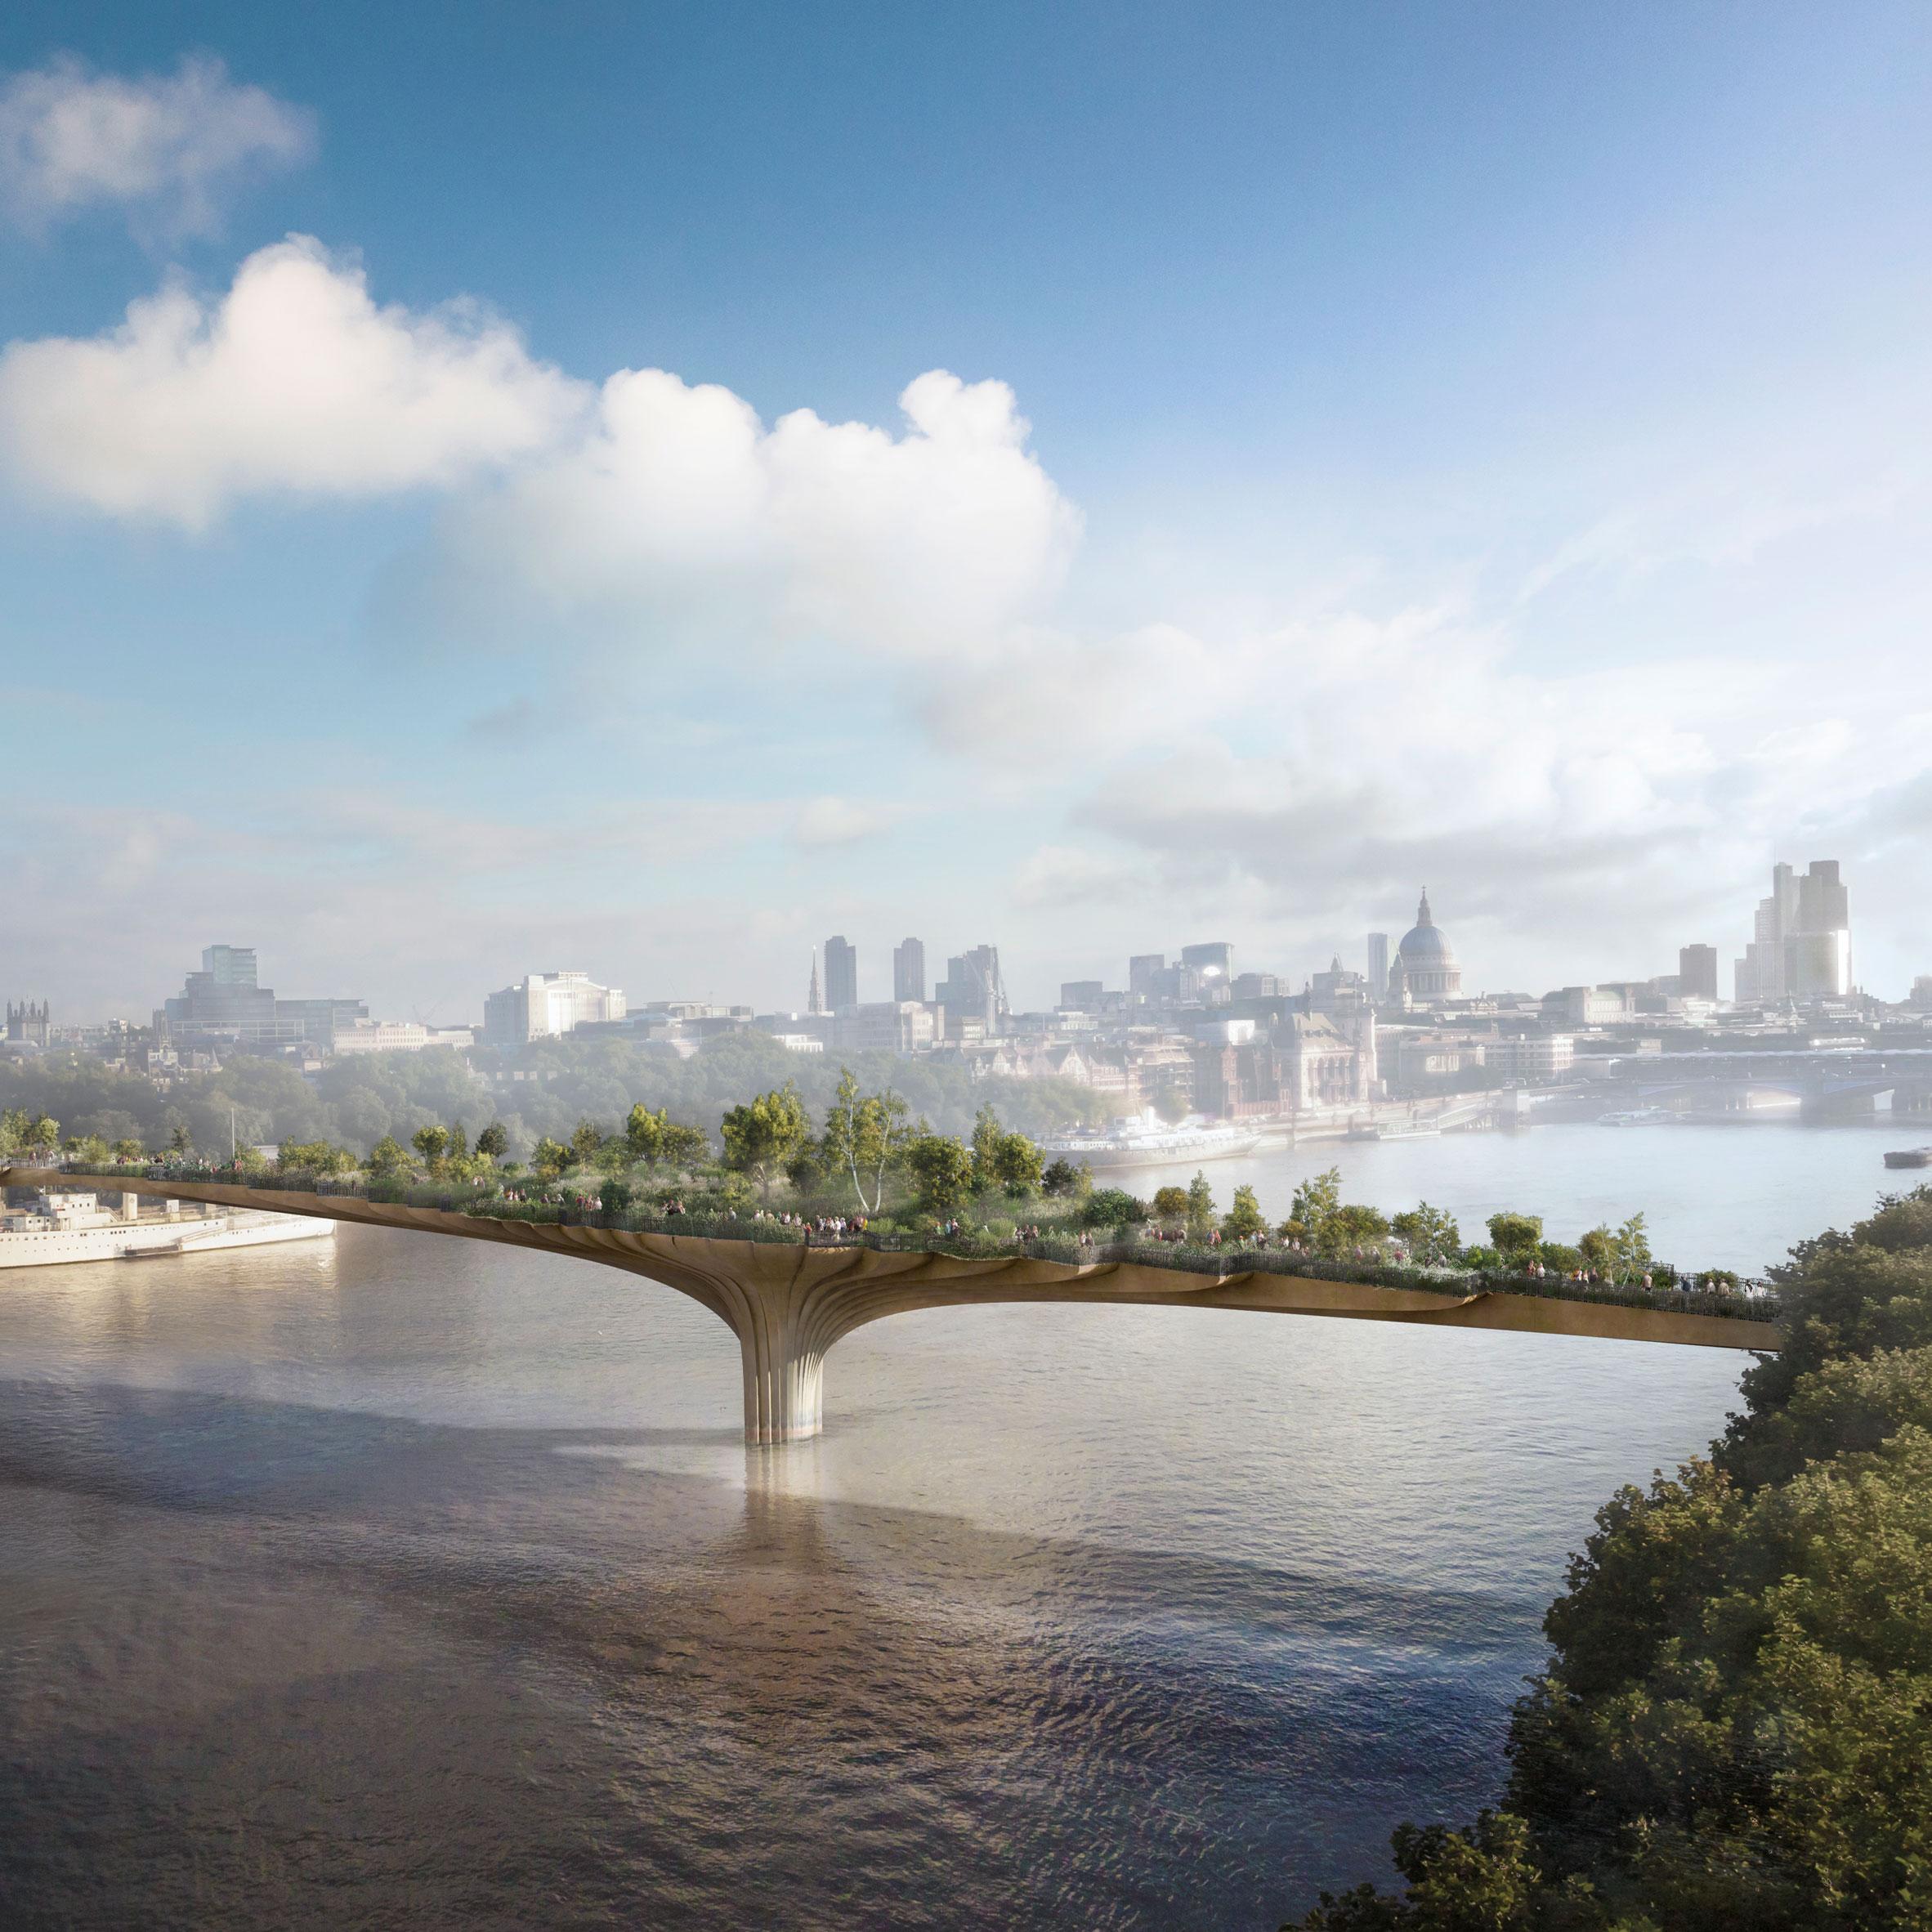 London mayor pulls plug on Garden Bridge